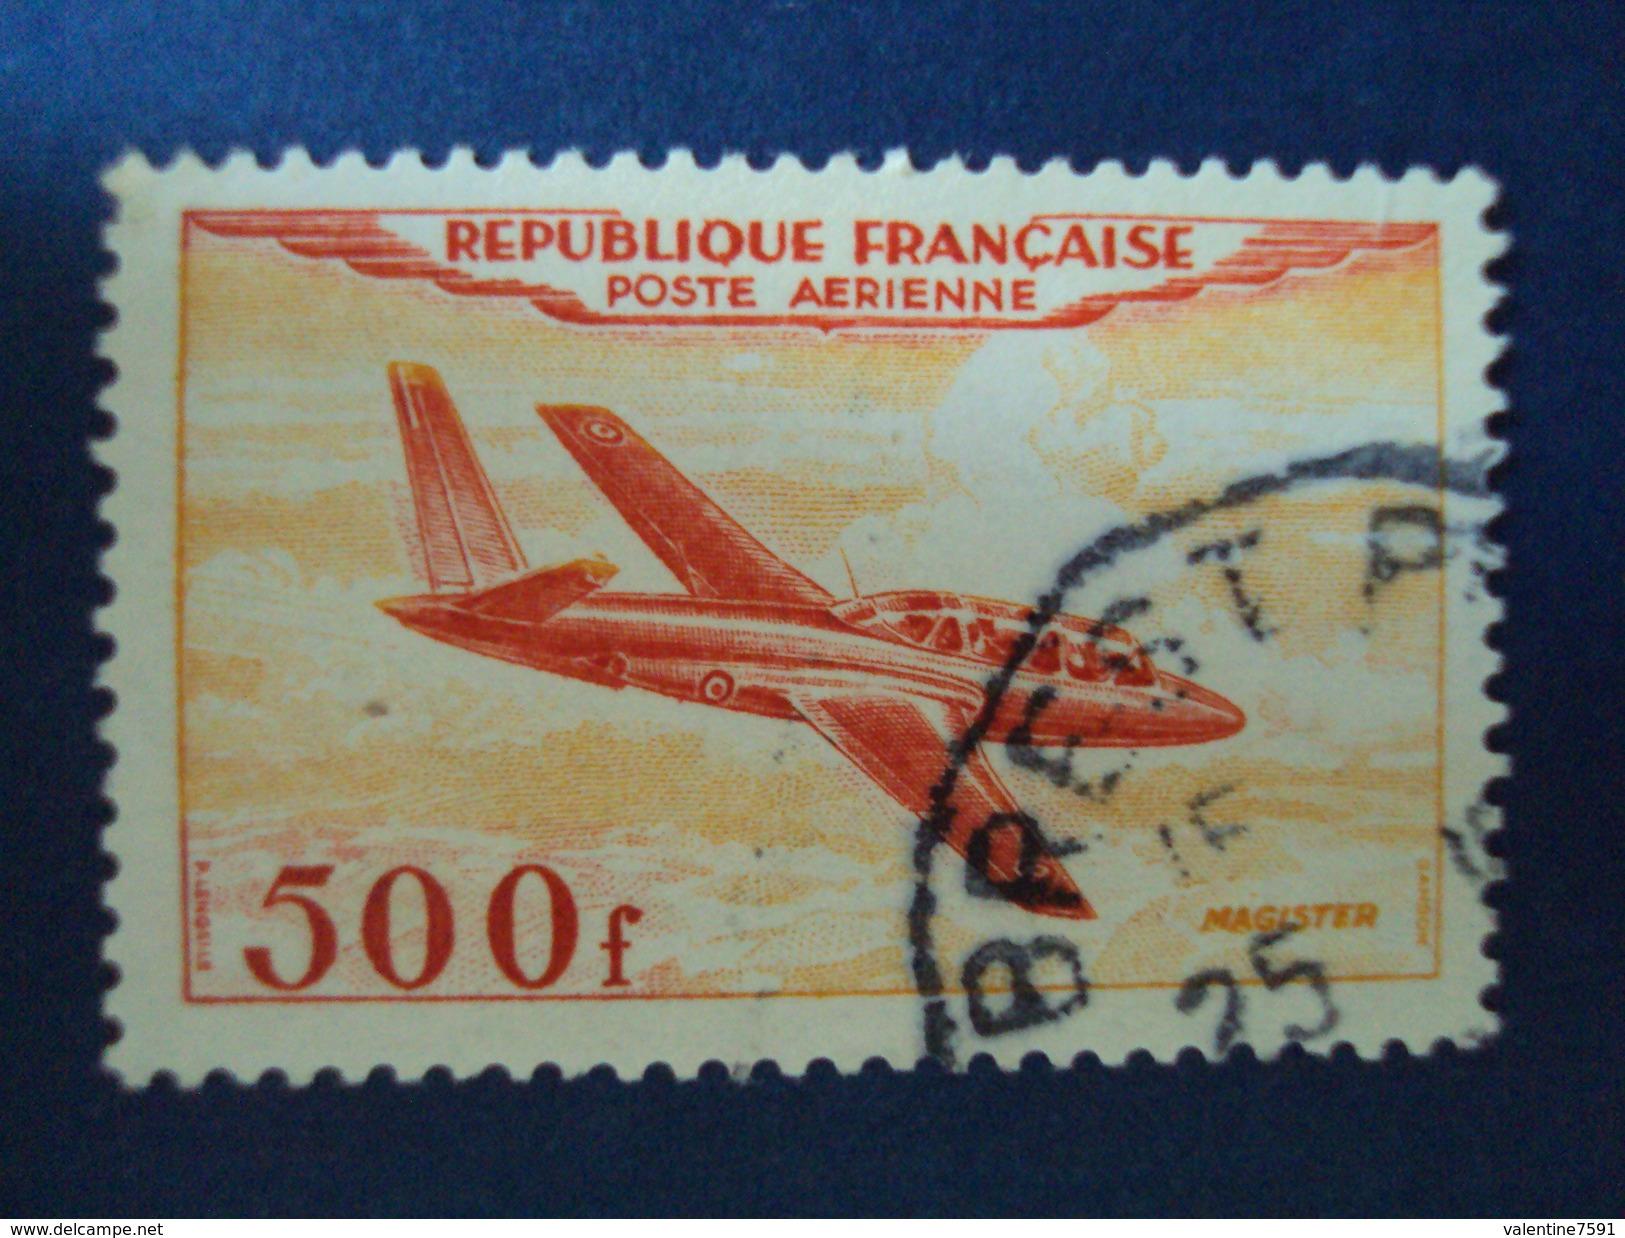 """1954-P.A. """"Fouga Magister 500 Frs"""" -ref  32- Oblitéré, 1 Pli Haut Gauche  """"cachet BREST"""" Cote 16- Net 3-en état - Poste Aérienne"""